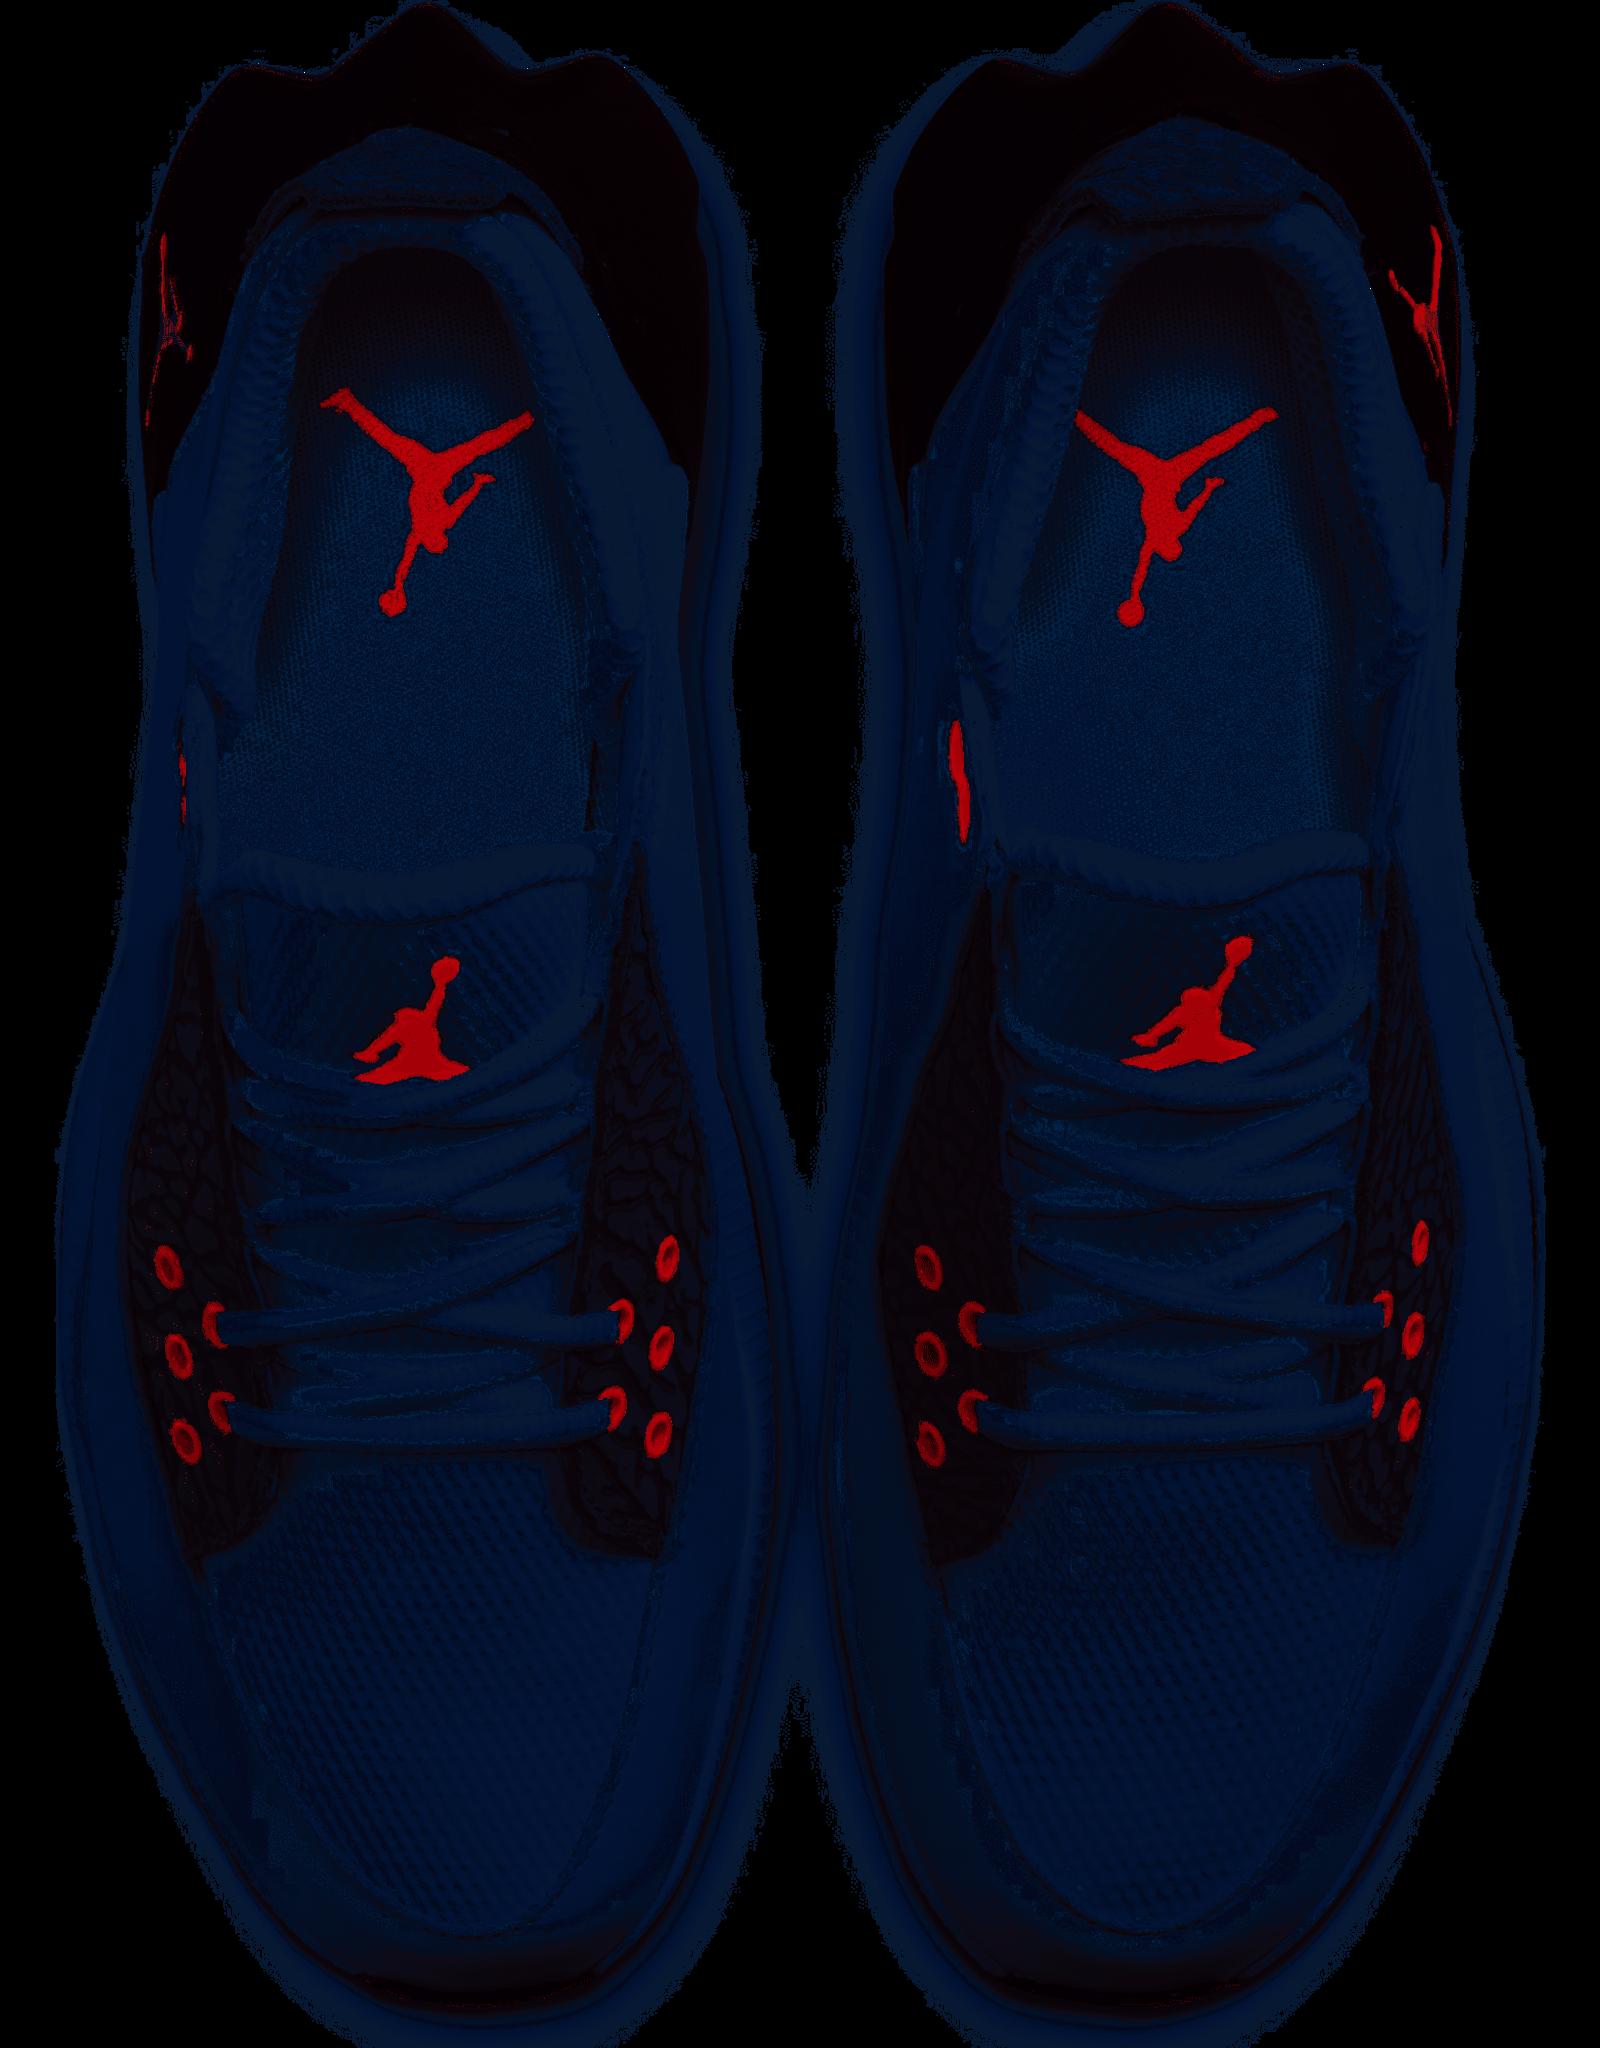 Nike Nike Jordan ADG2 Shoe